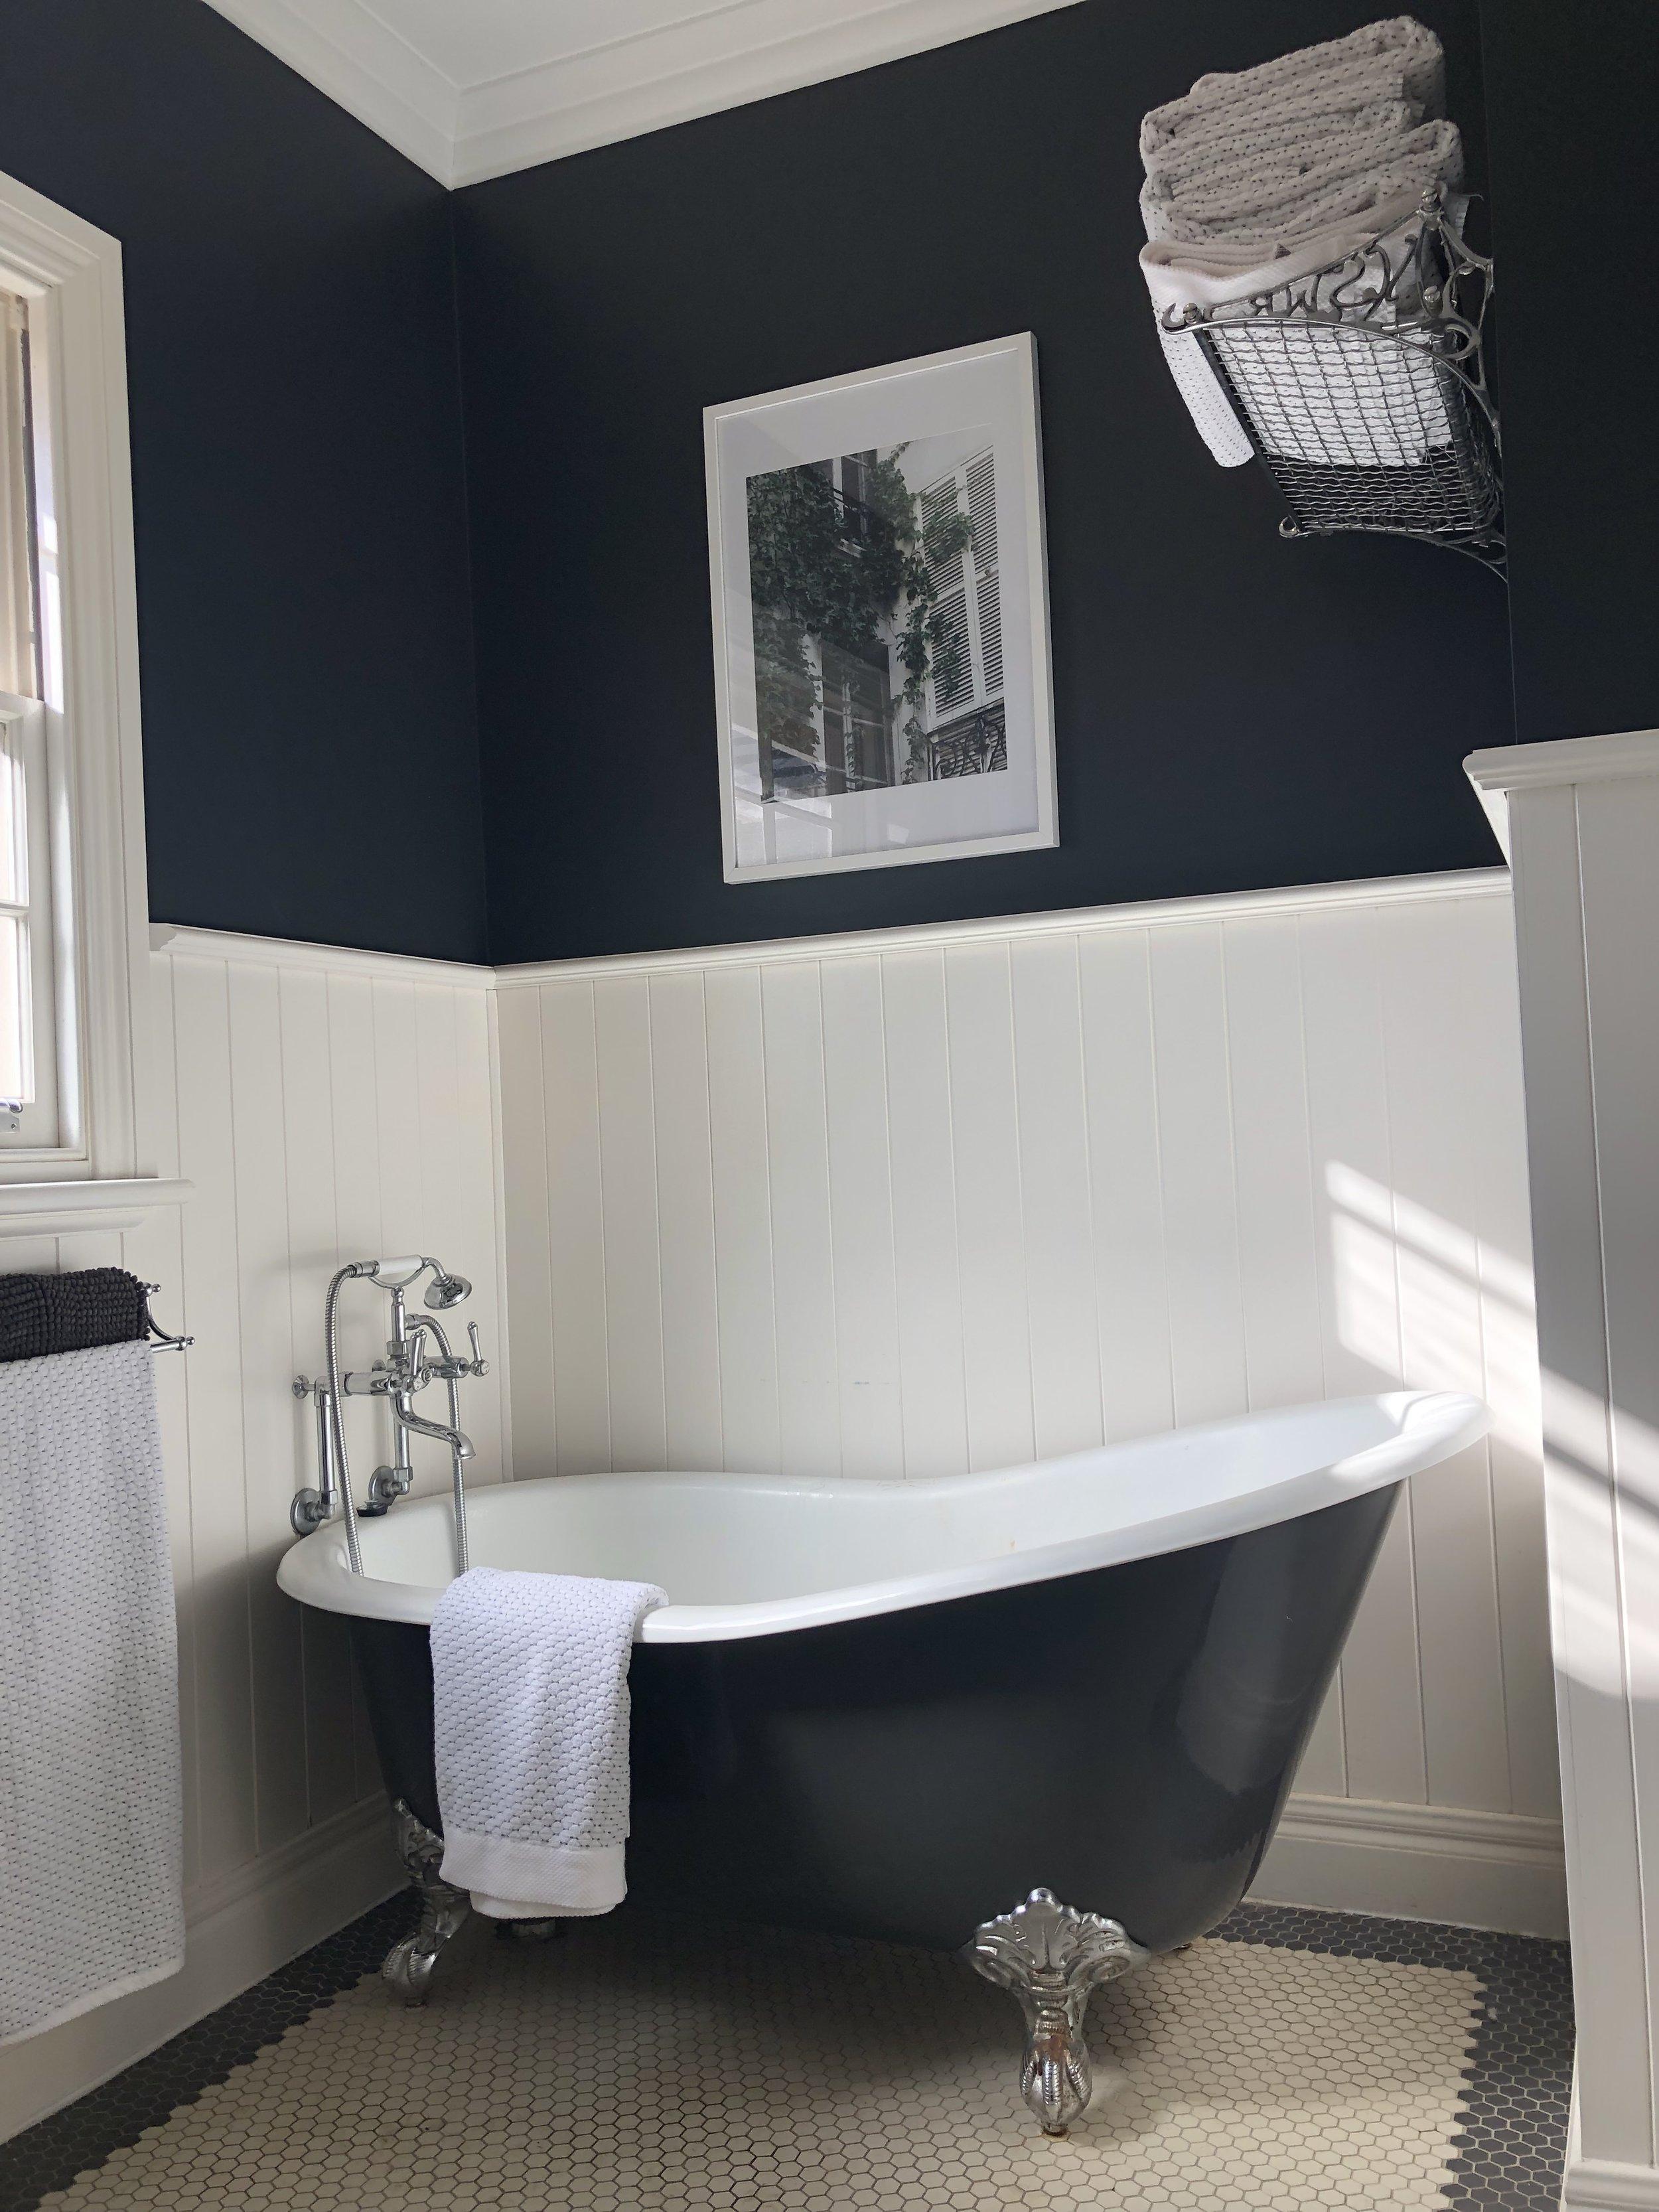 Warrnambool Interior Designer - Hamilton Interior Designer - Portland Interior Designer - Mount Gambier Interior Designer - Warrnambool Bathroom Design 1.jpg